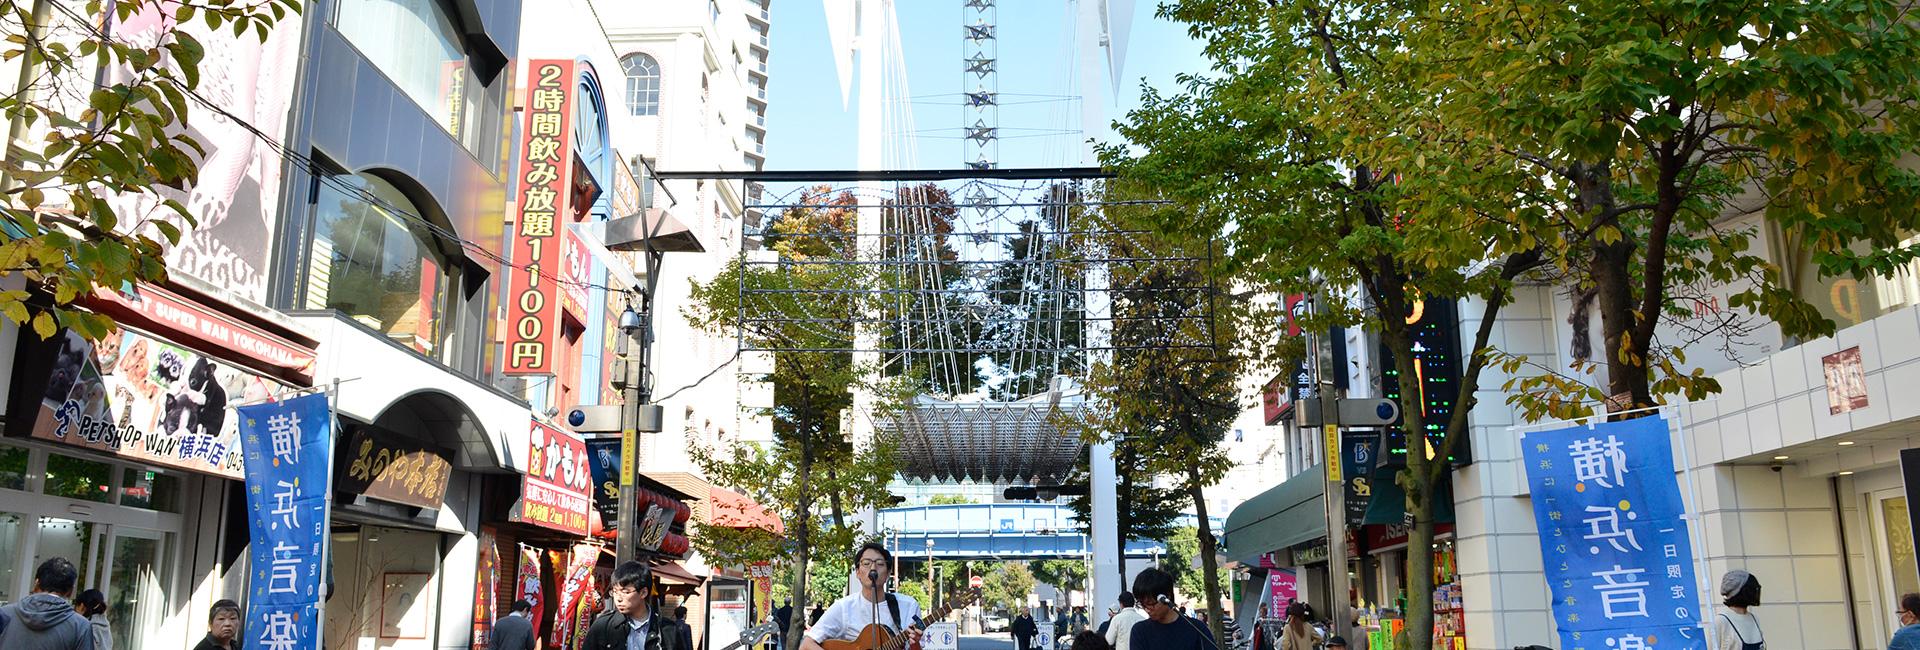 横浜音楽空間2017 期間限定のフリーライヴスペース